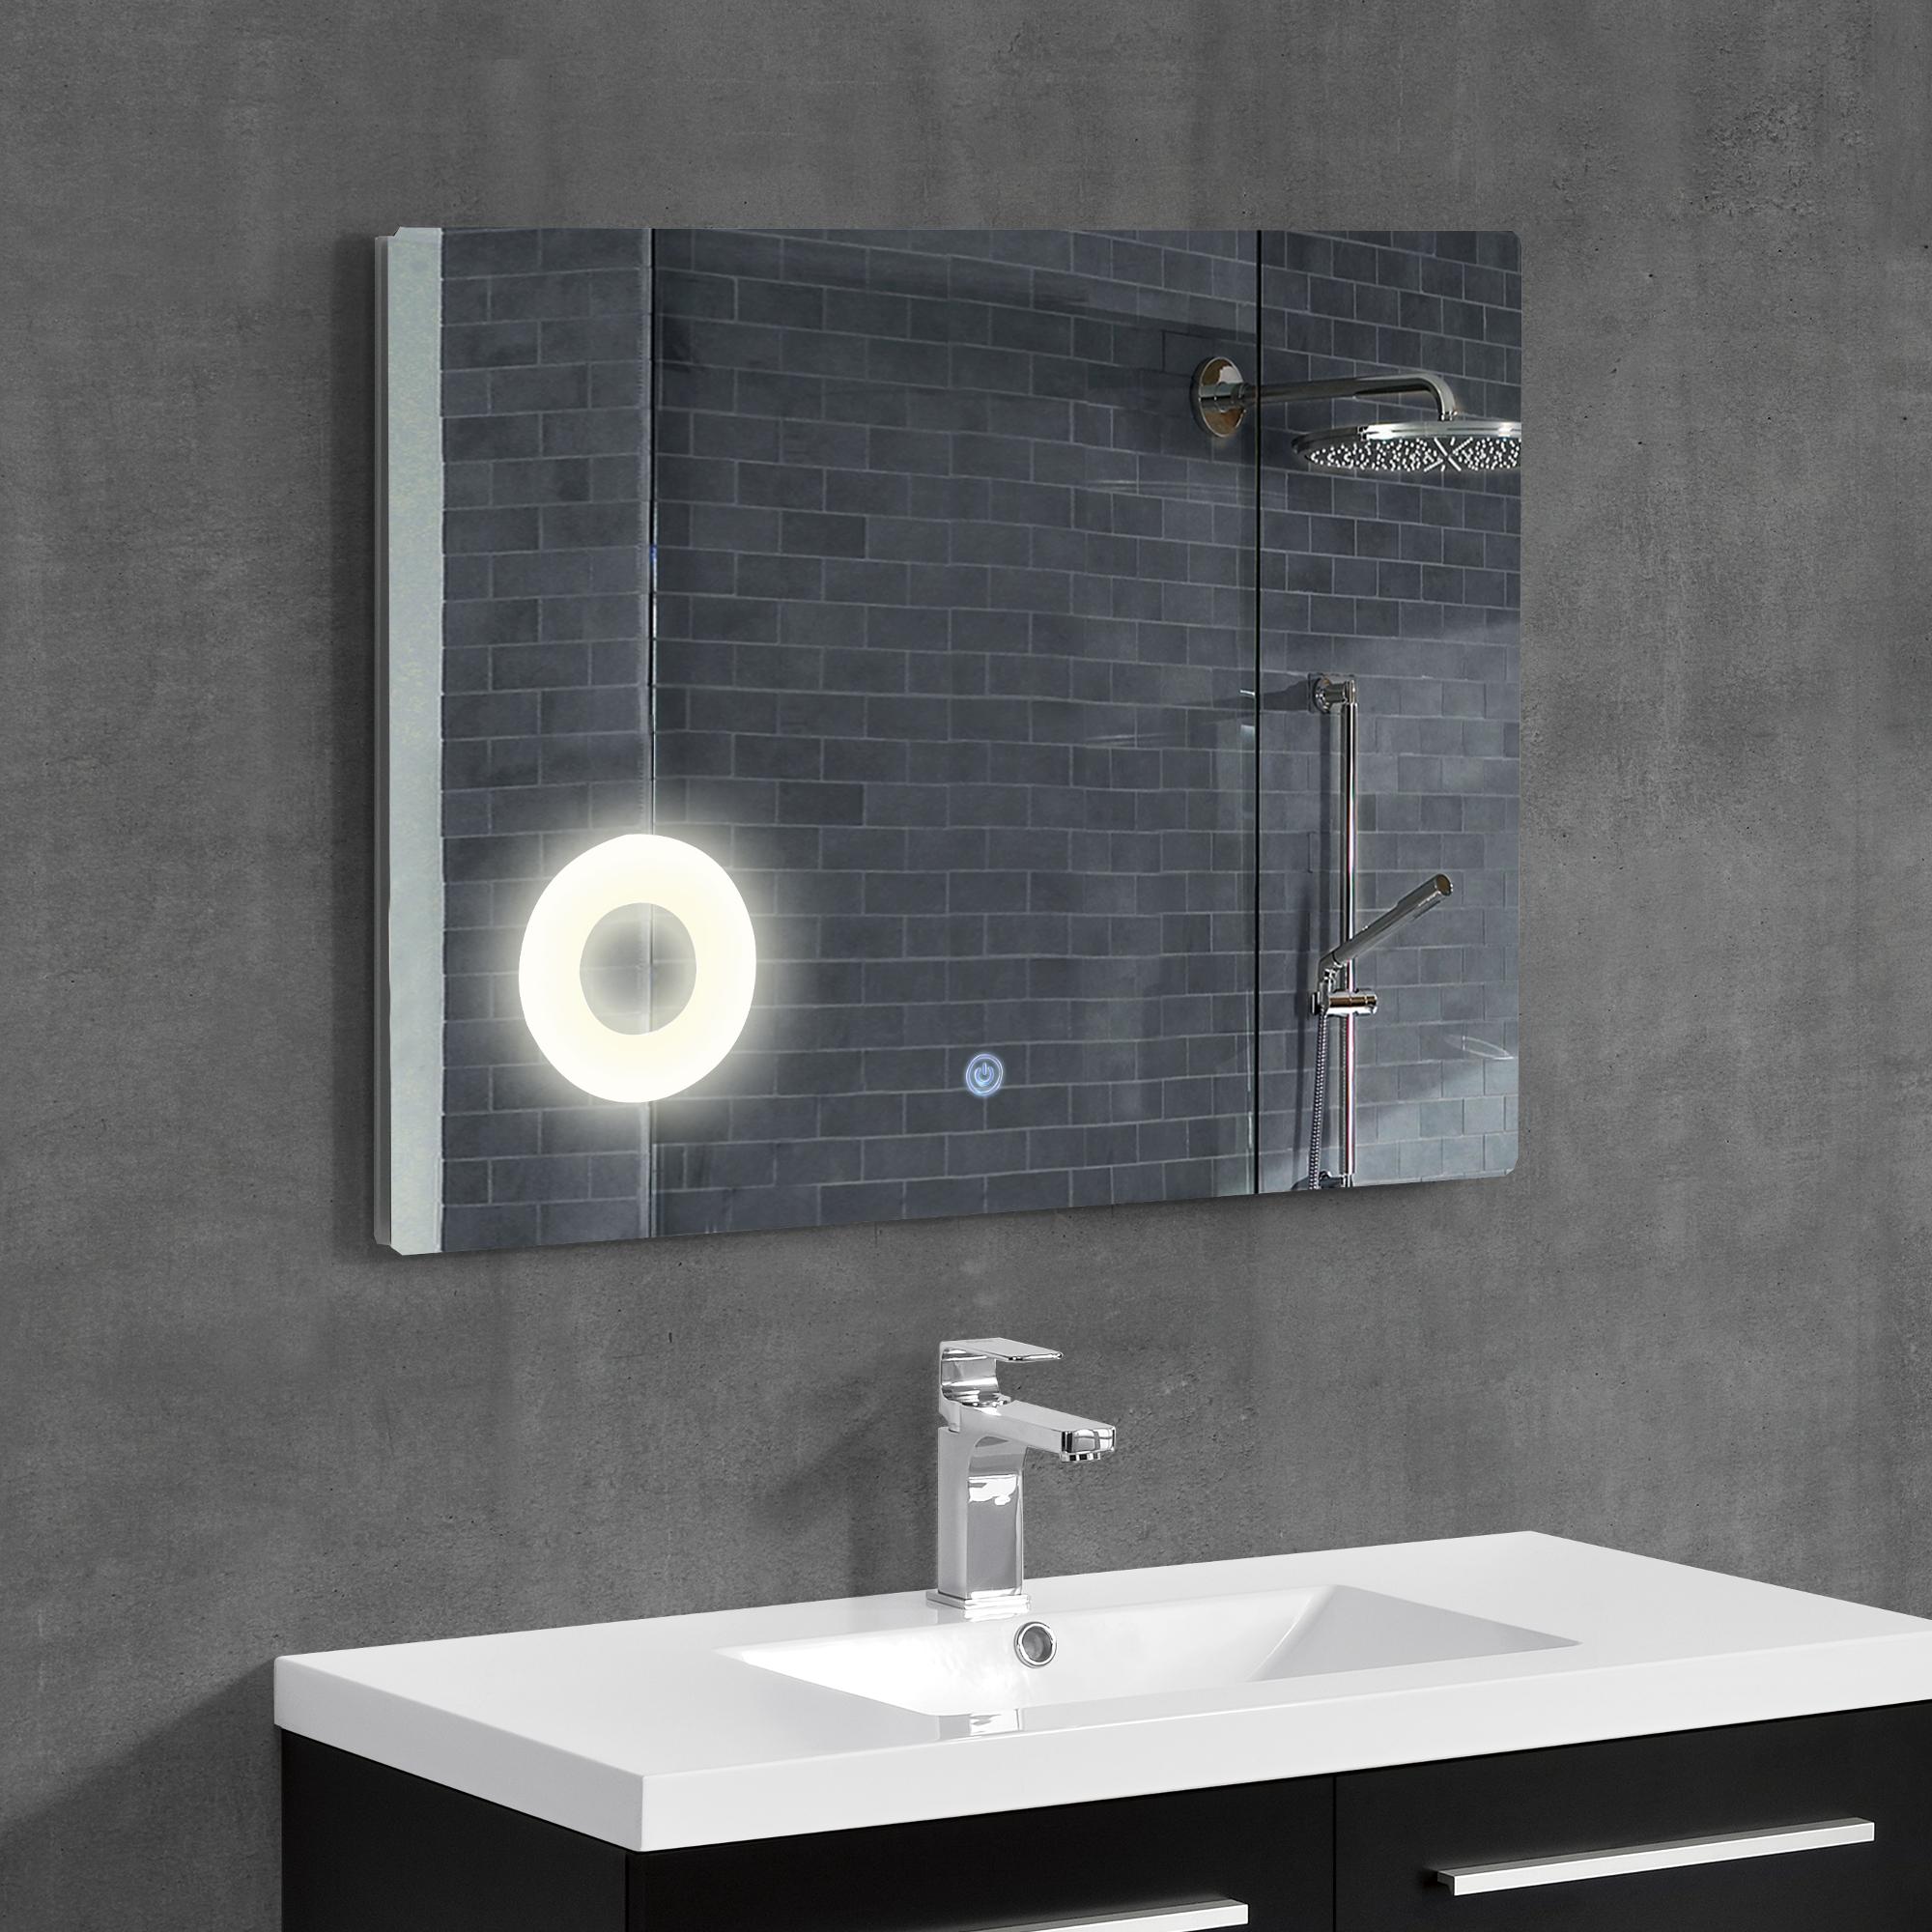 Specchio Bagno 60 X 60.Neu Haus Specchio Per Bagno Led Murale Specchio Per Il Trucco 60